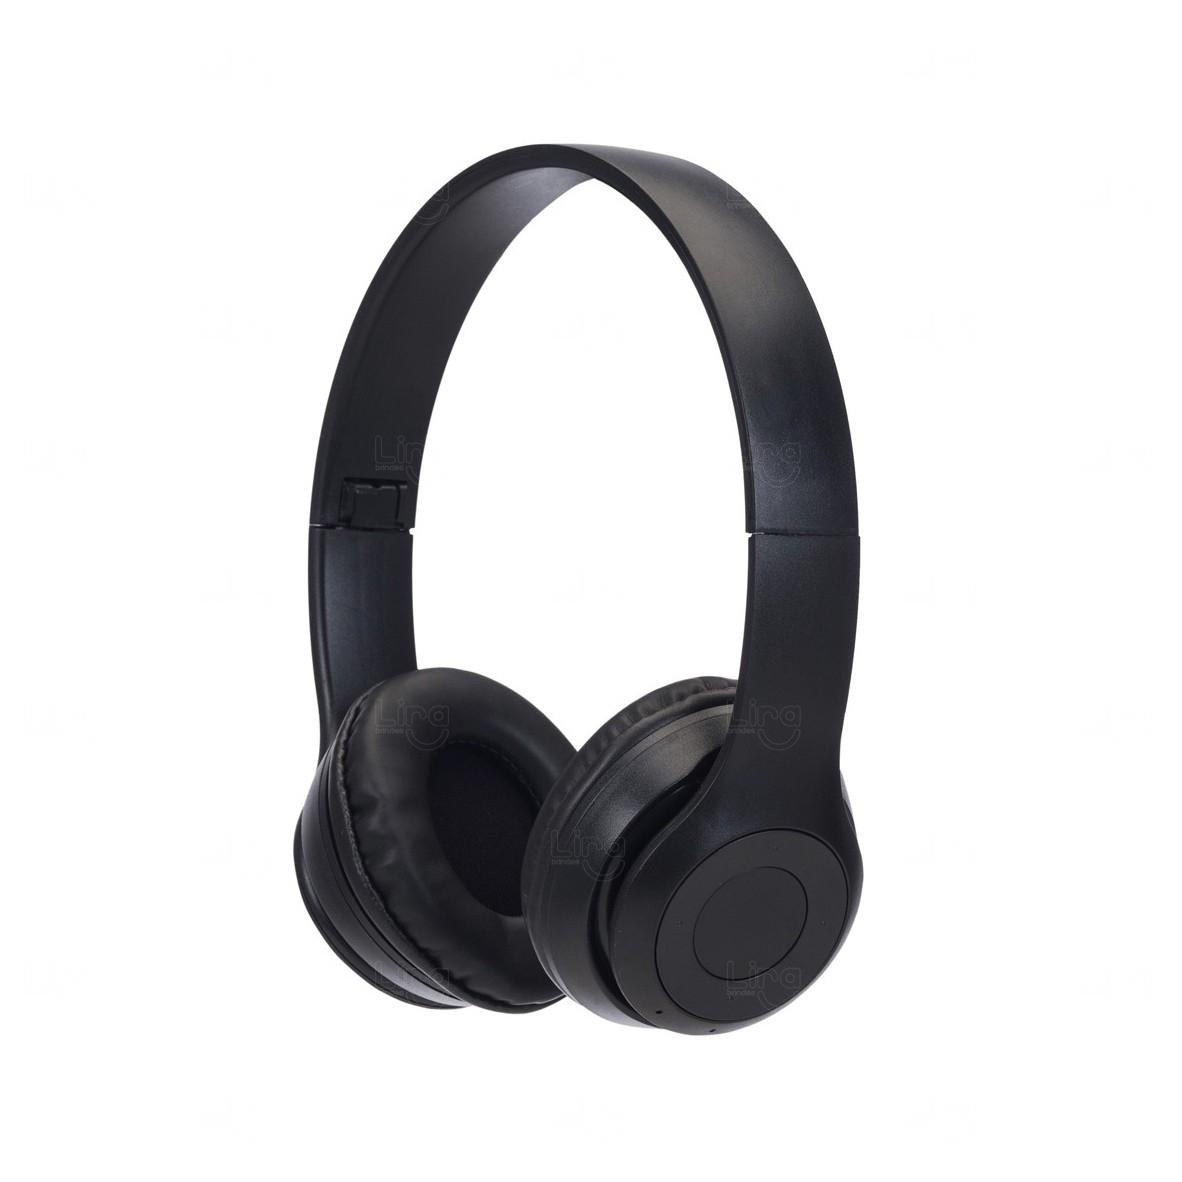 Fone de Ouvido Personalizado - Bluetooth Preto